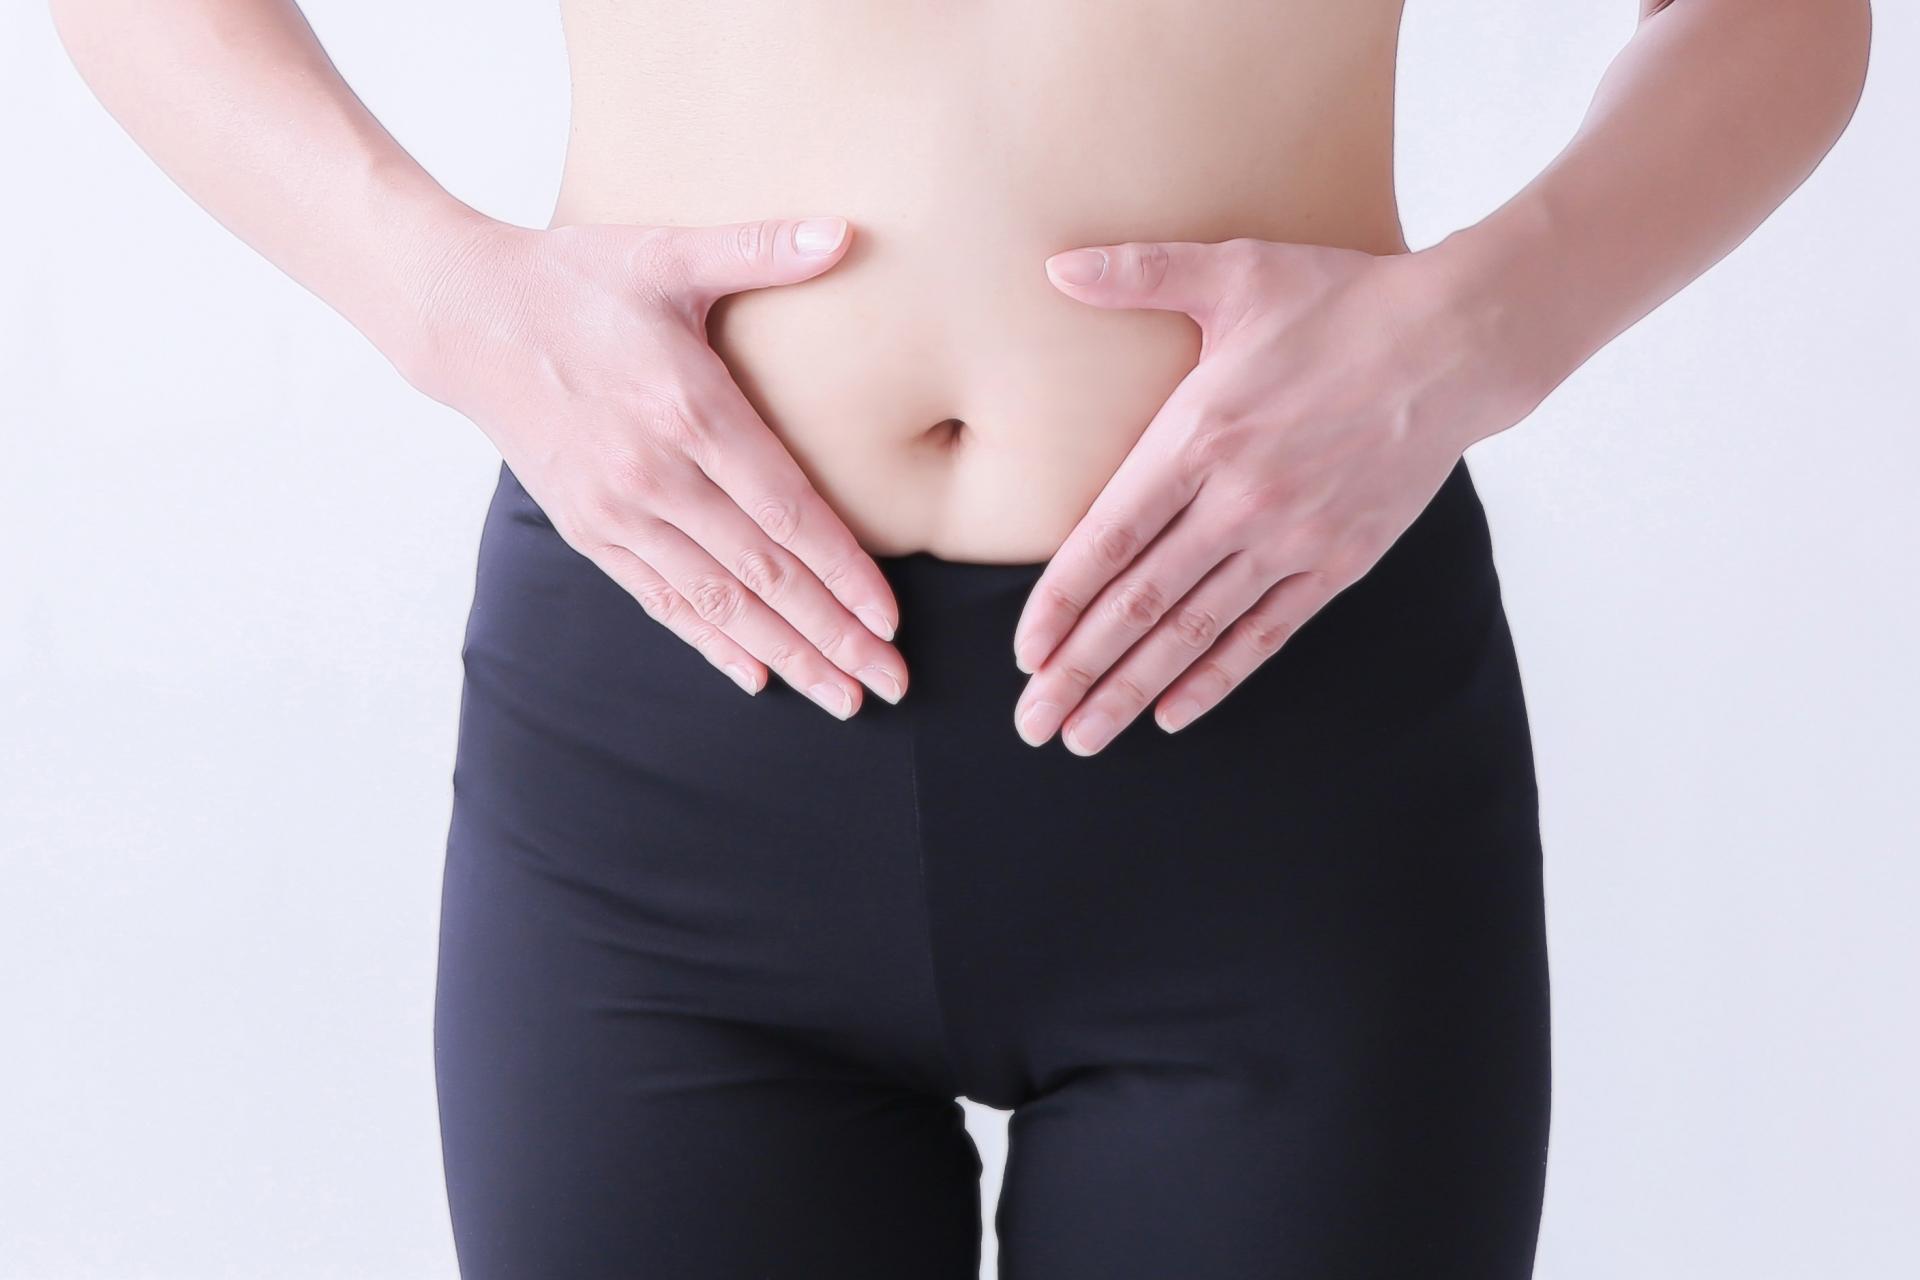 やせにくいカラダや肥満になってしまうのは腸内細菌(腸内フローラ)の影響?